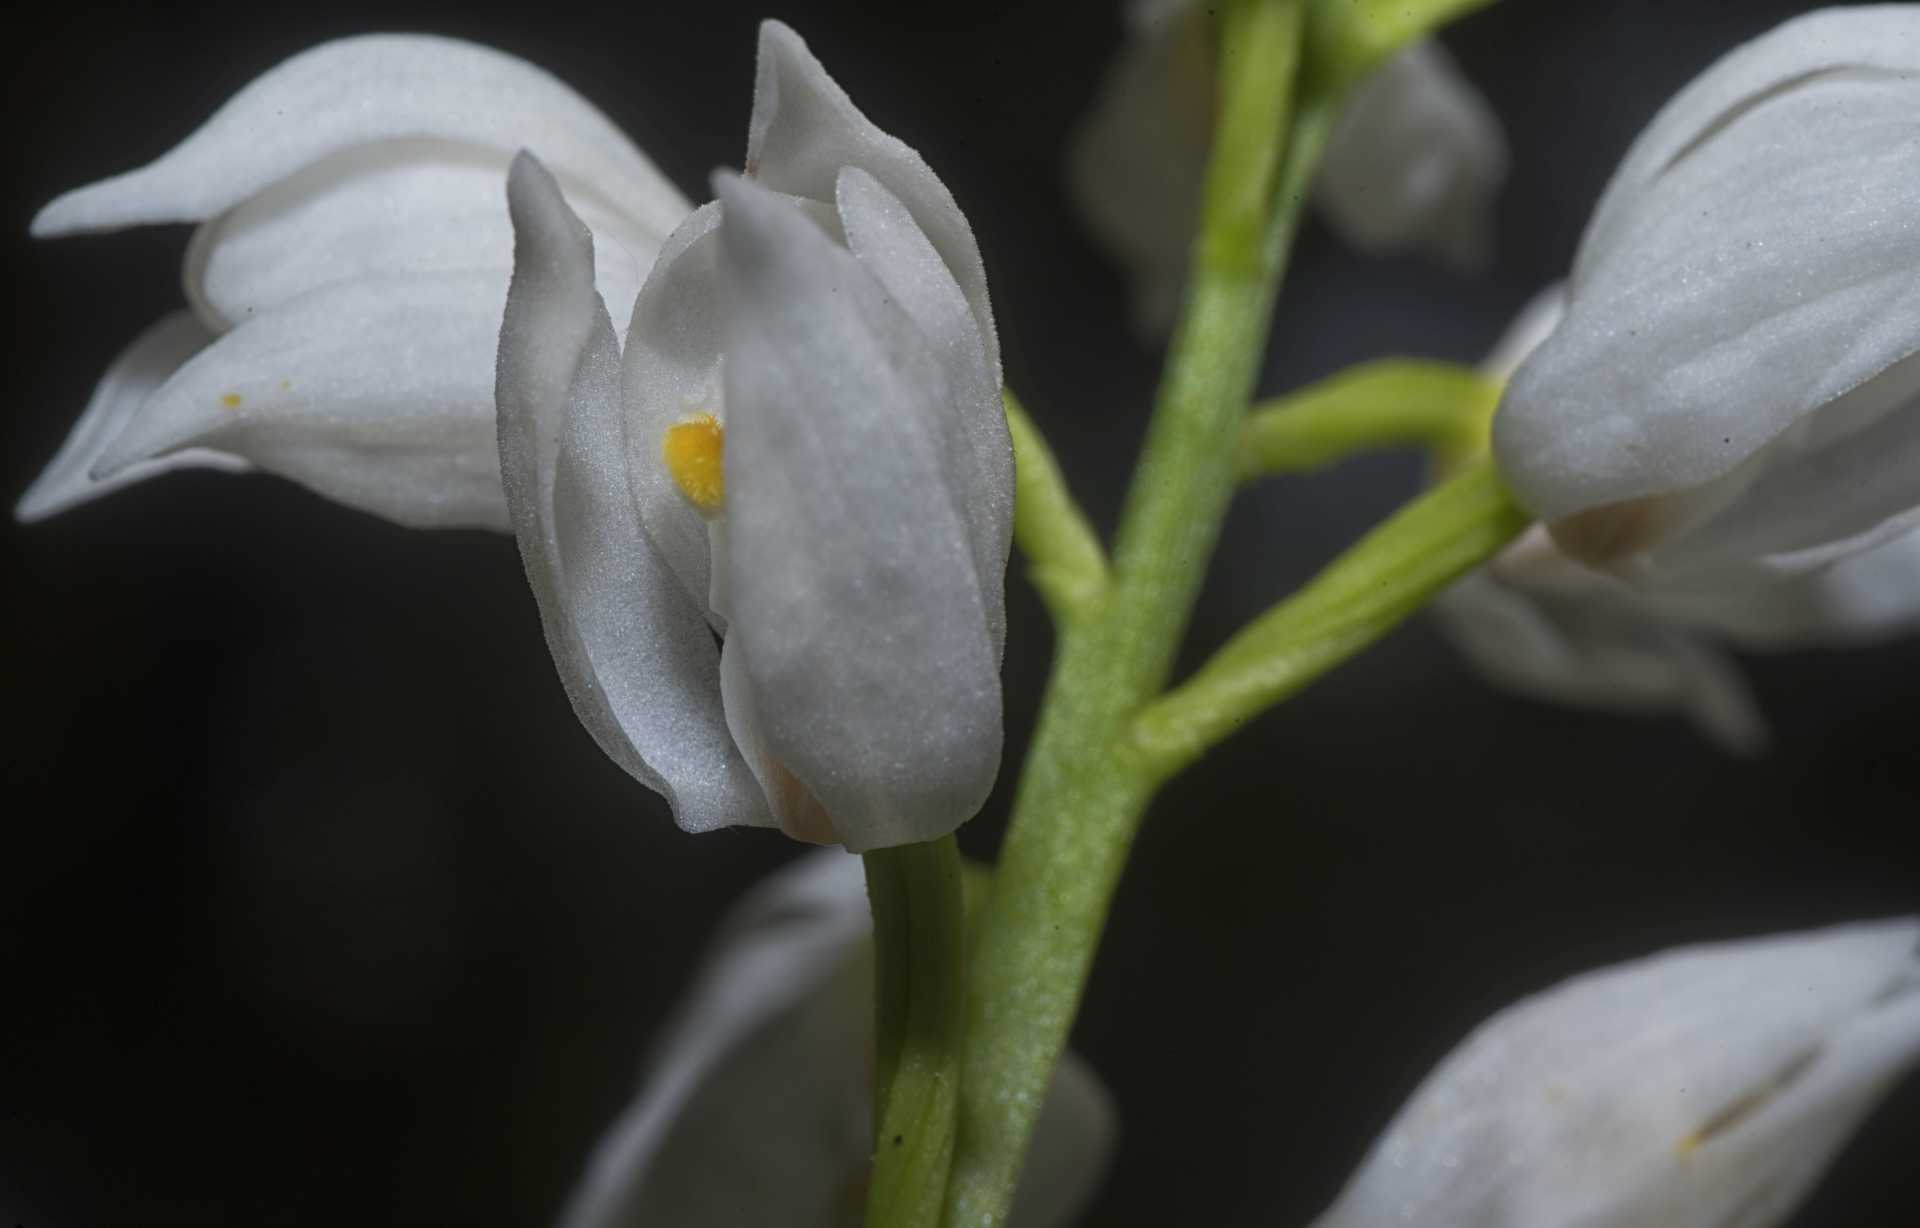 La Cephalanthera longifolia, l'orchidea che fiorisce dopo 11 anni